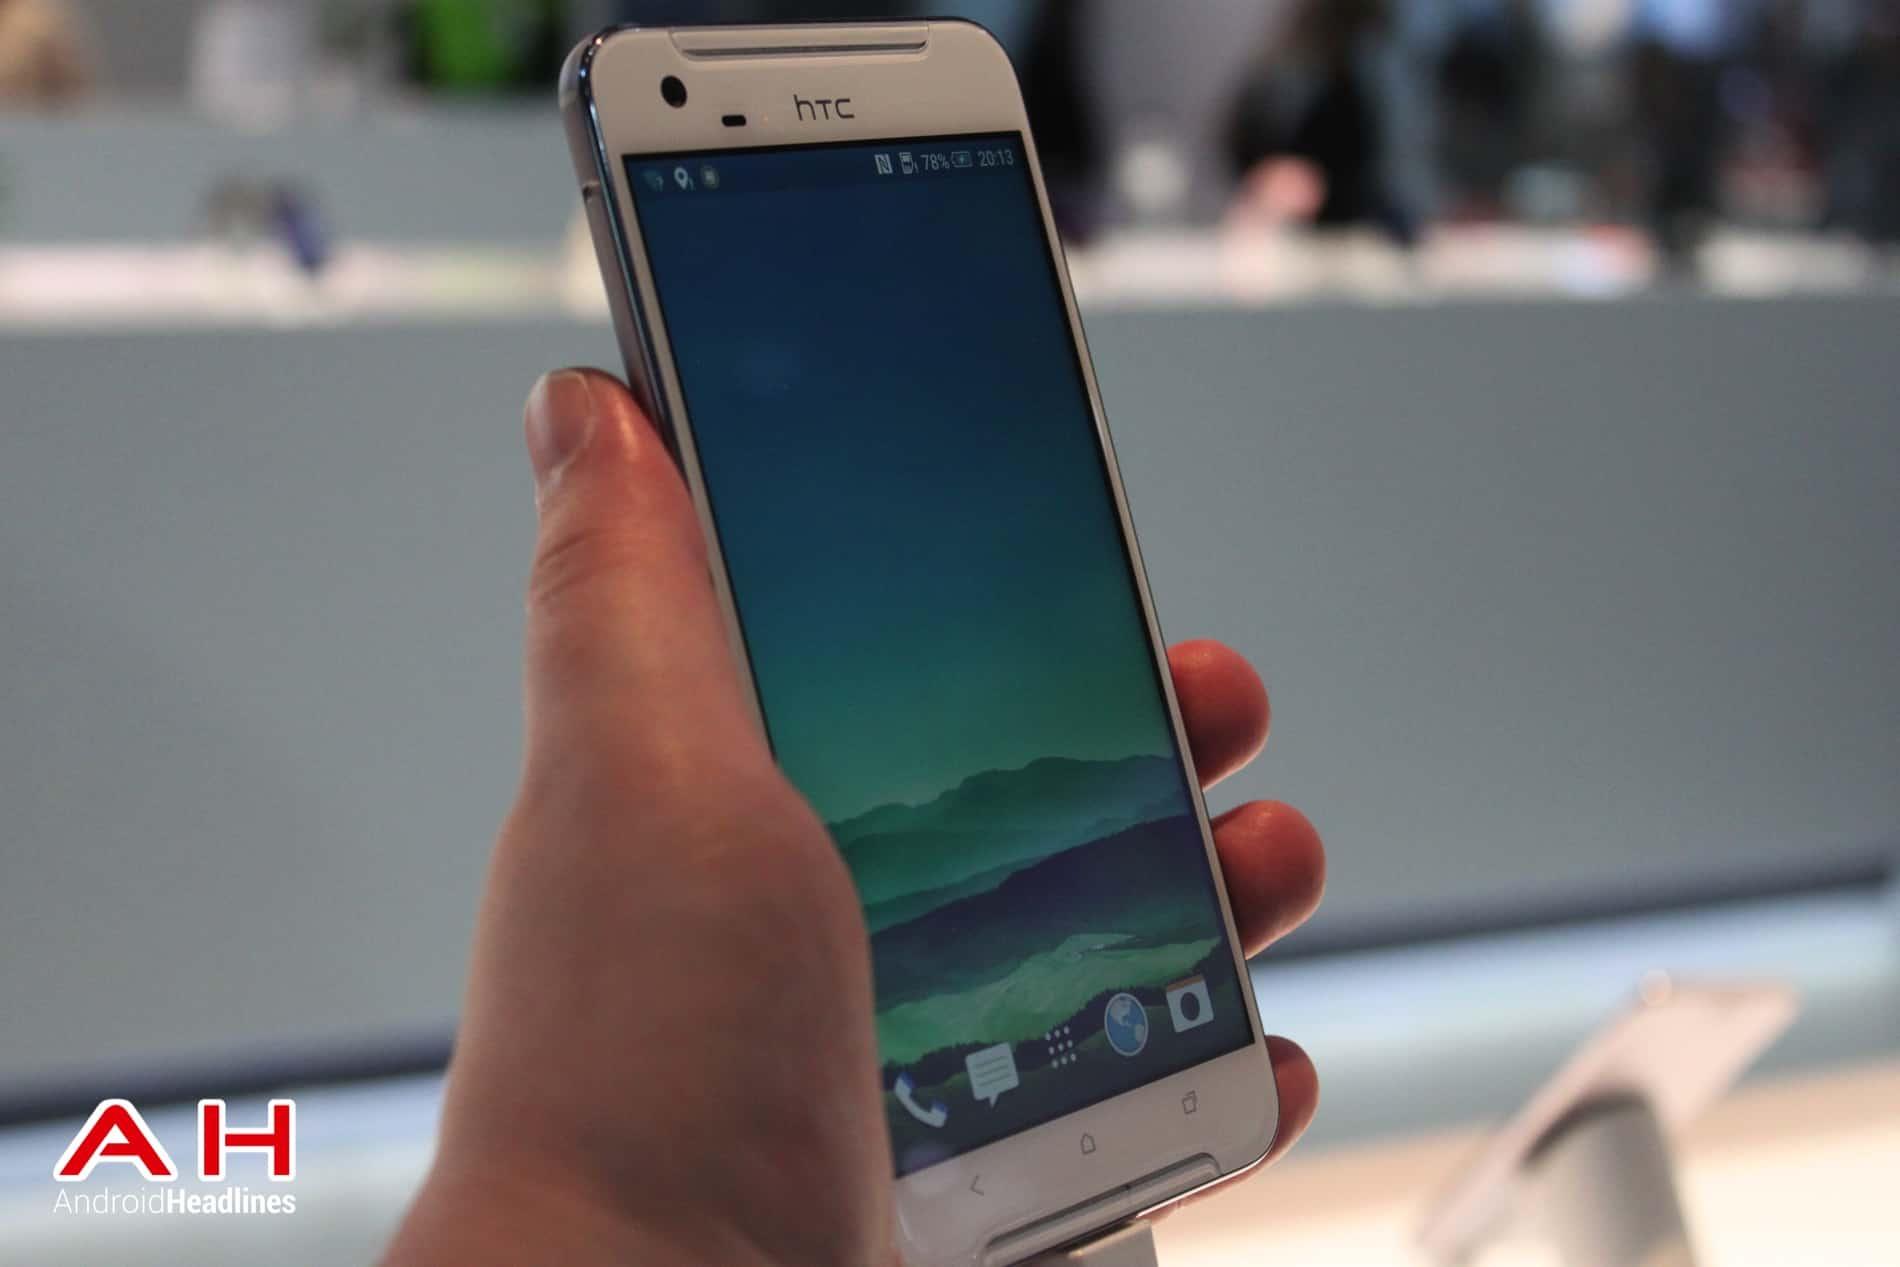 HTC One X9 MWC AH 18